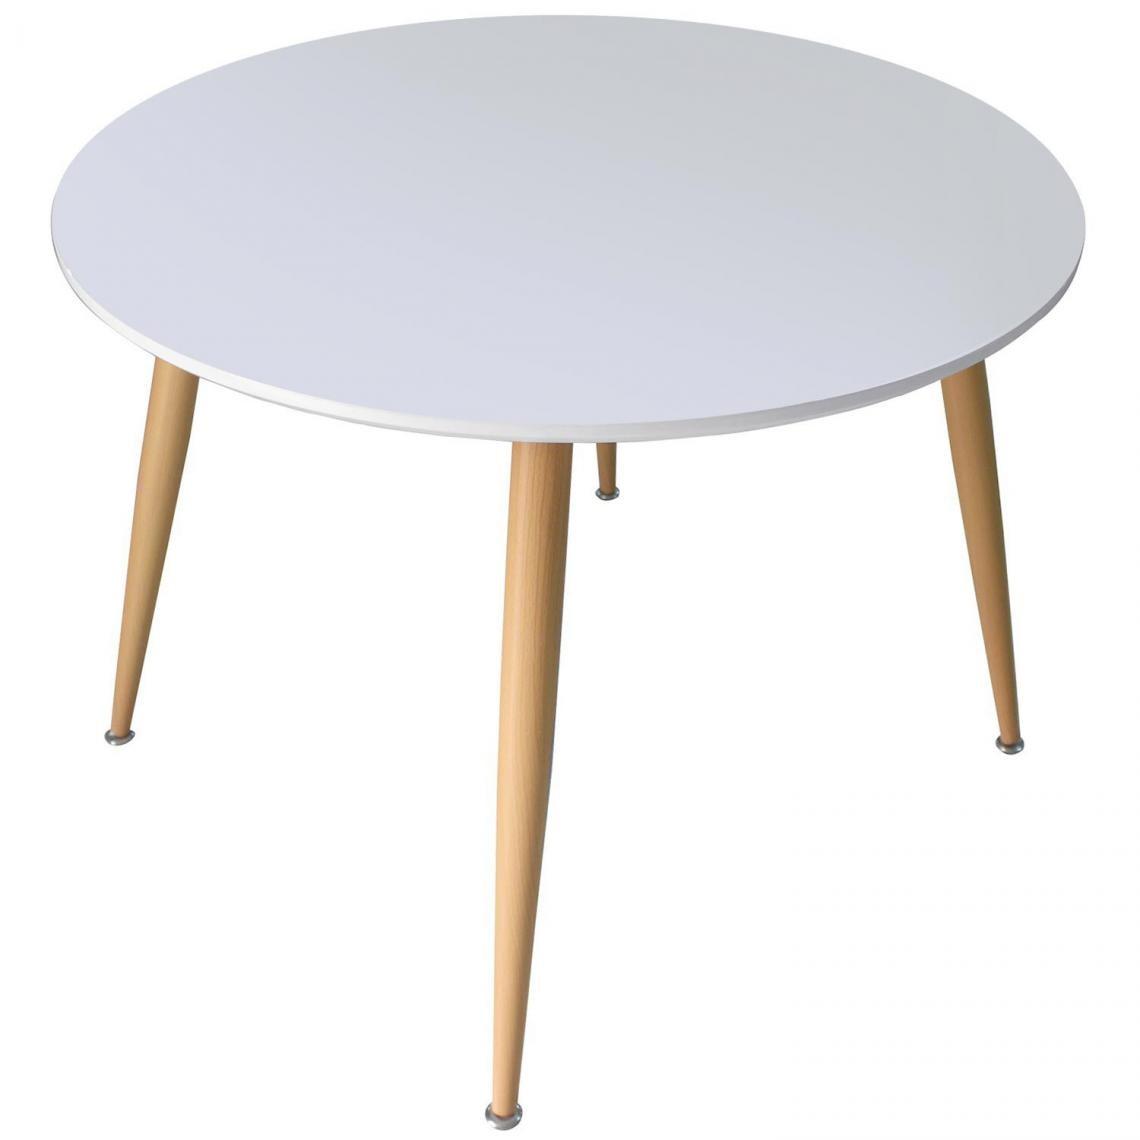 table scandinave 110cm de diametre bois